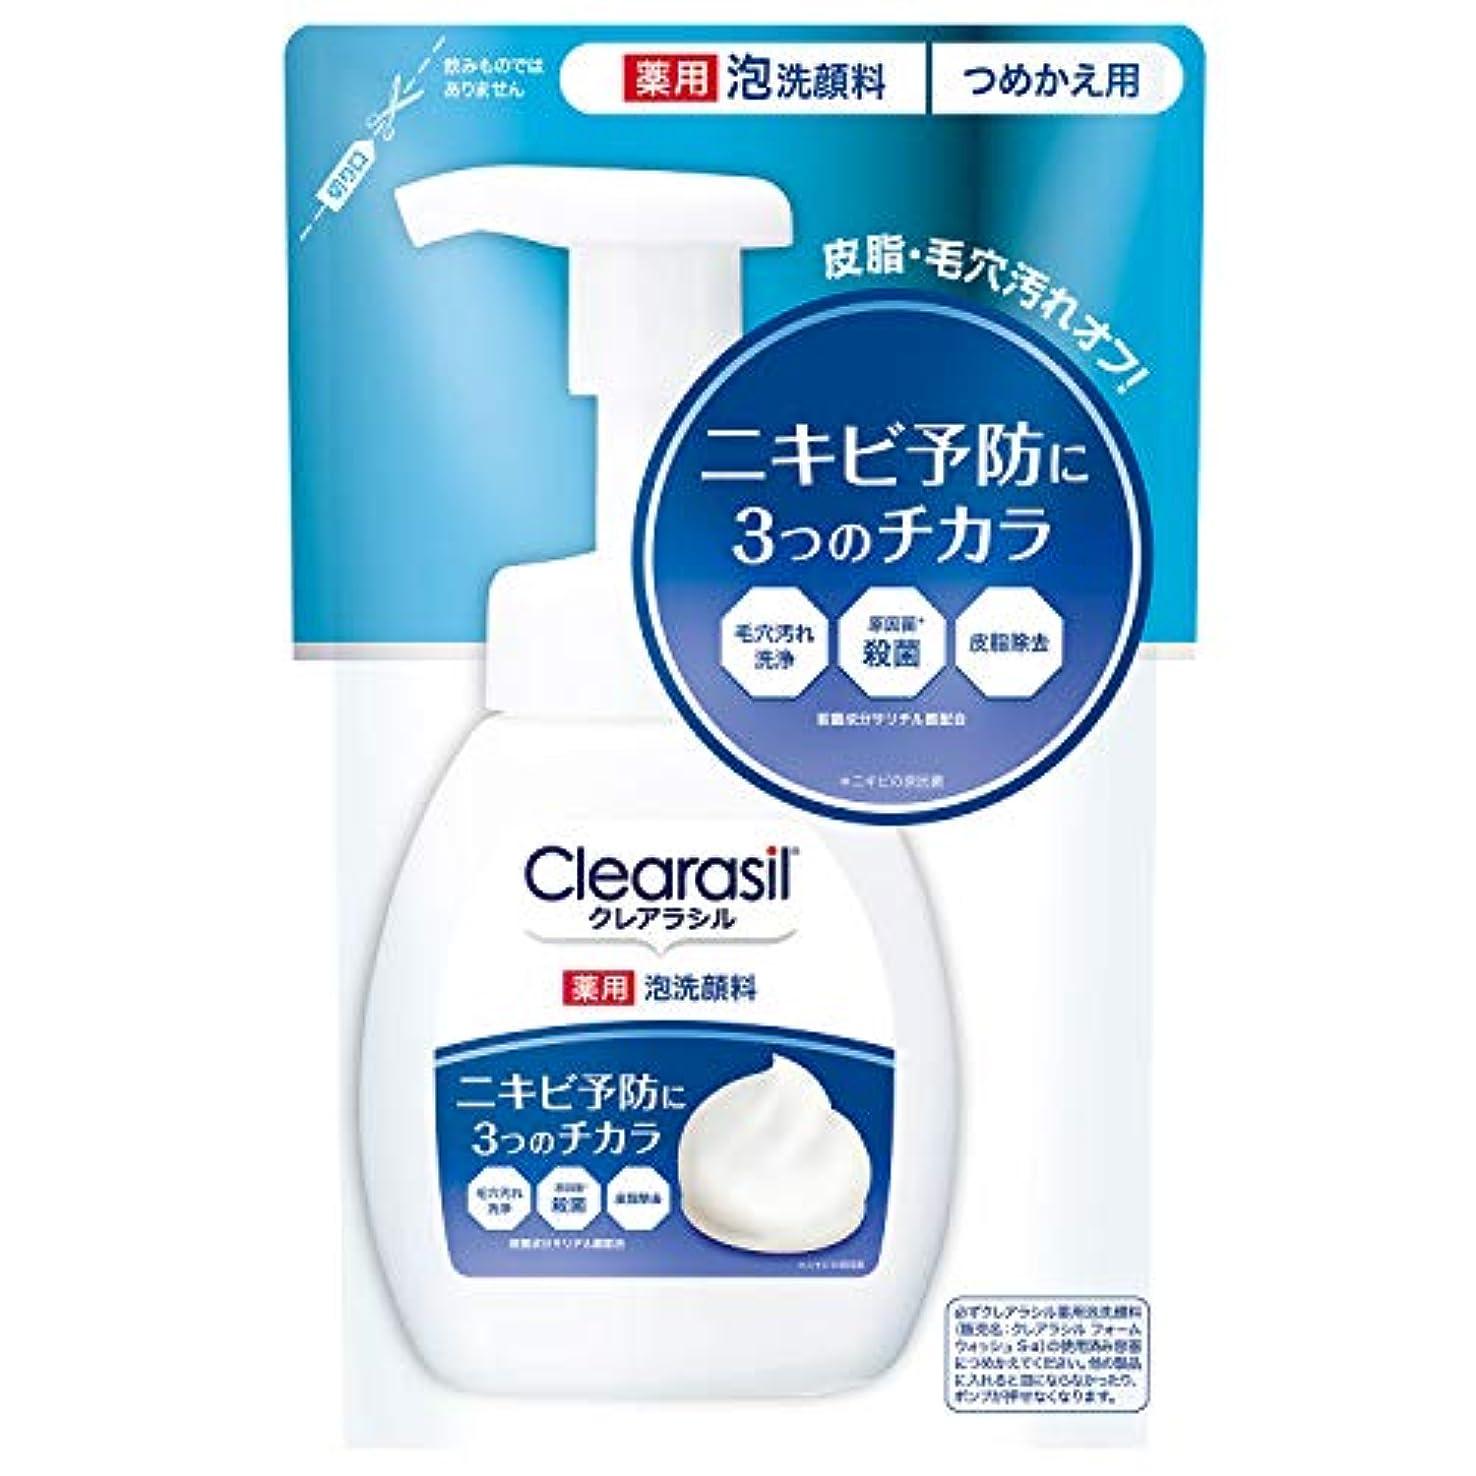 出演者上院議員上院議員クレアラシル 薬用泡洗顔フォーム10X 180ml